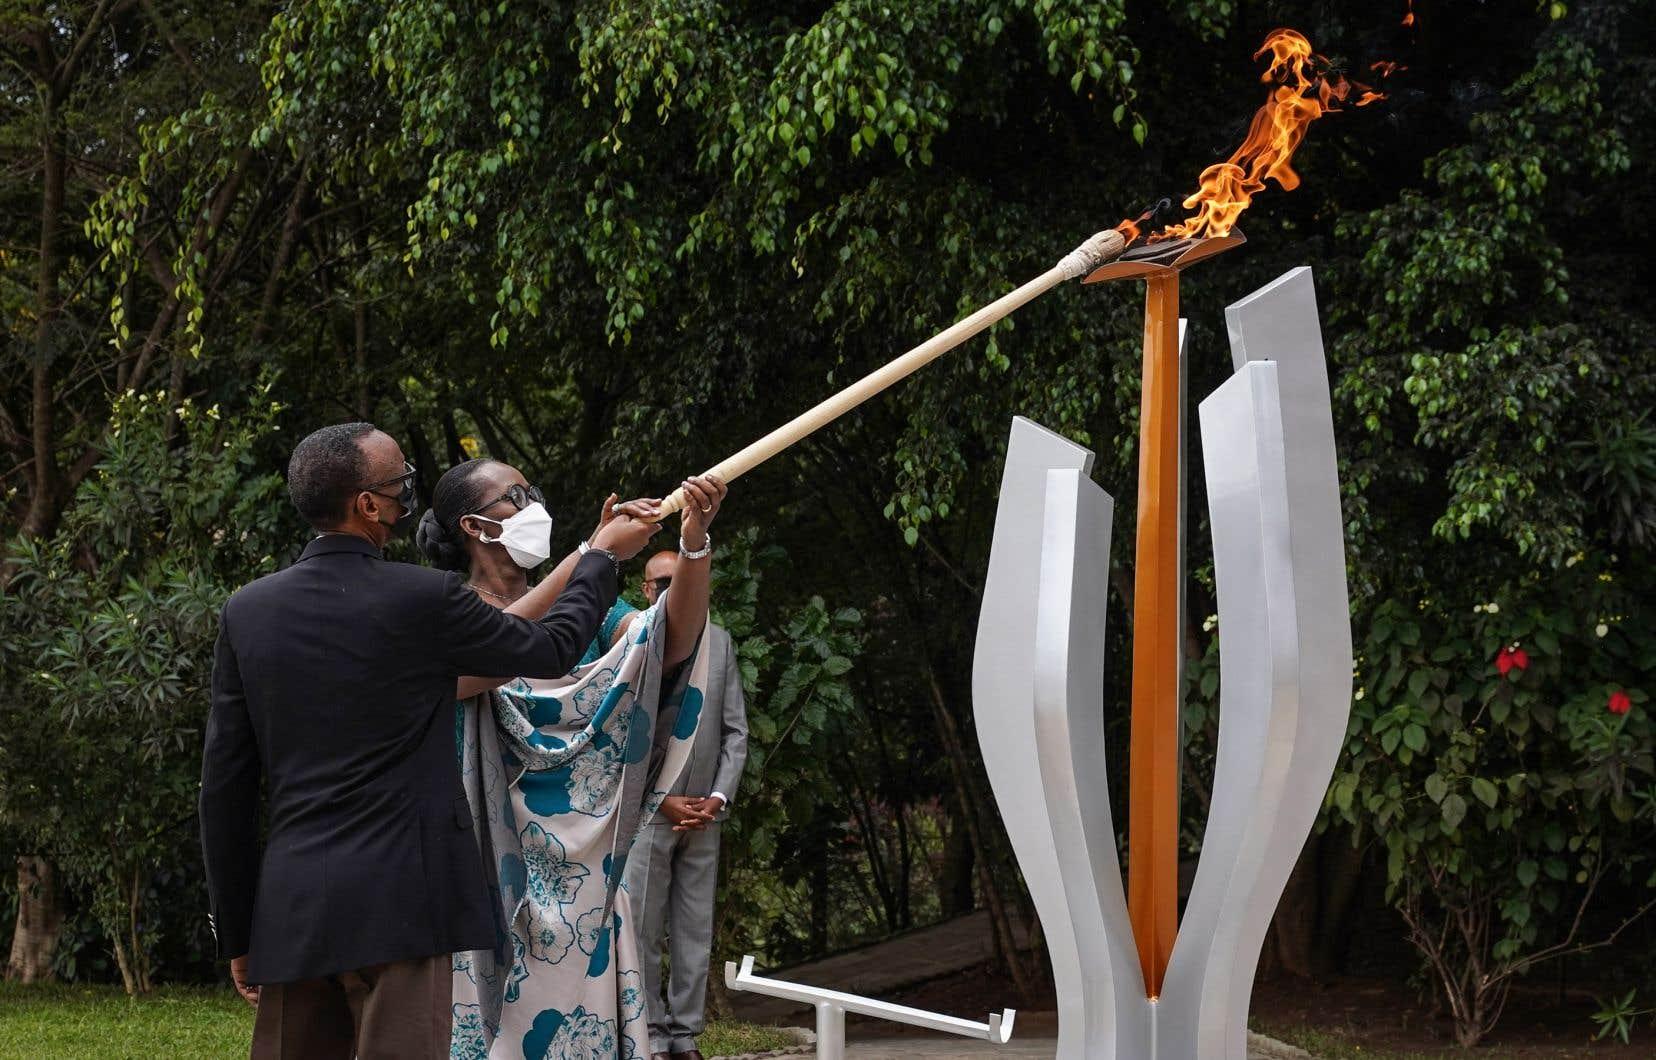 Le président rwandais, Paul Kagame, et la Première dame, Jeannette Nyiramongi Kagame, allument la flamme de commémoration lors du 27ème anniversaire du génocide de 1994.